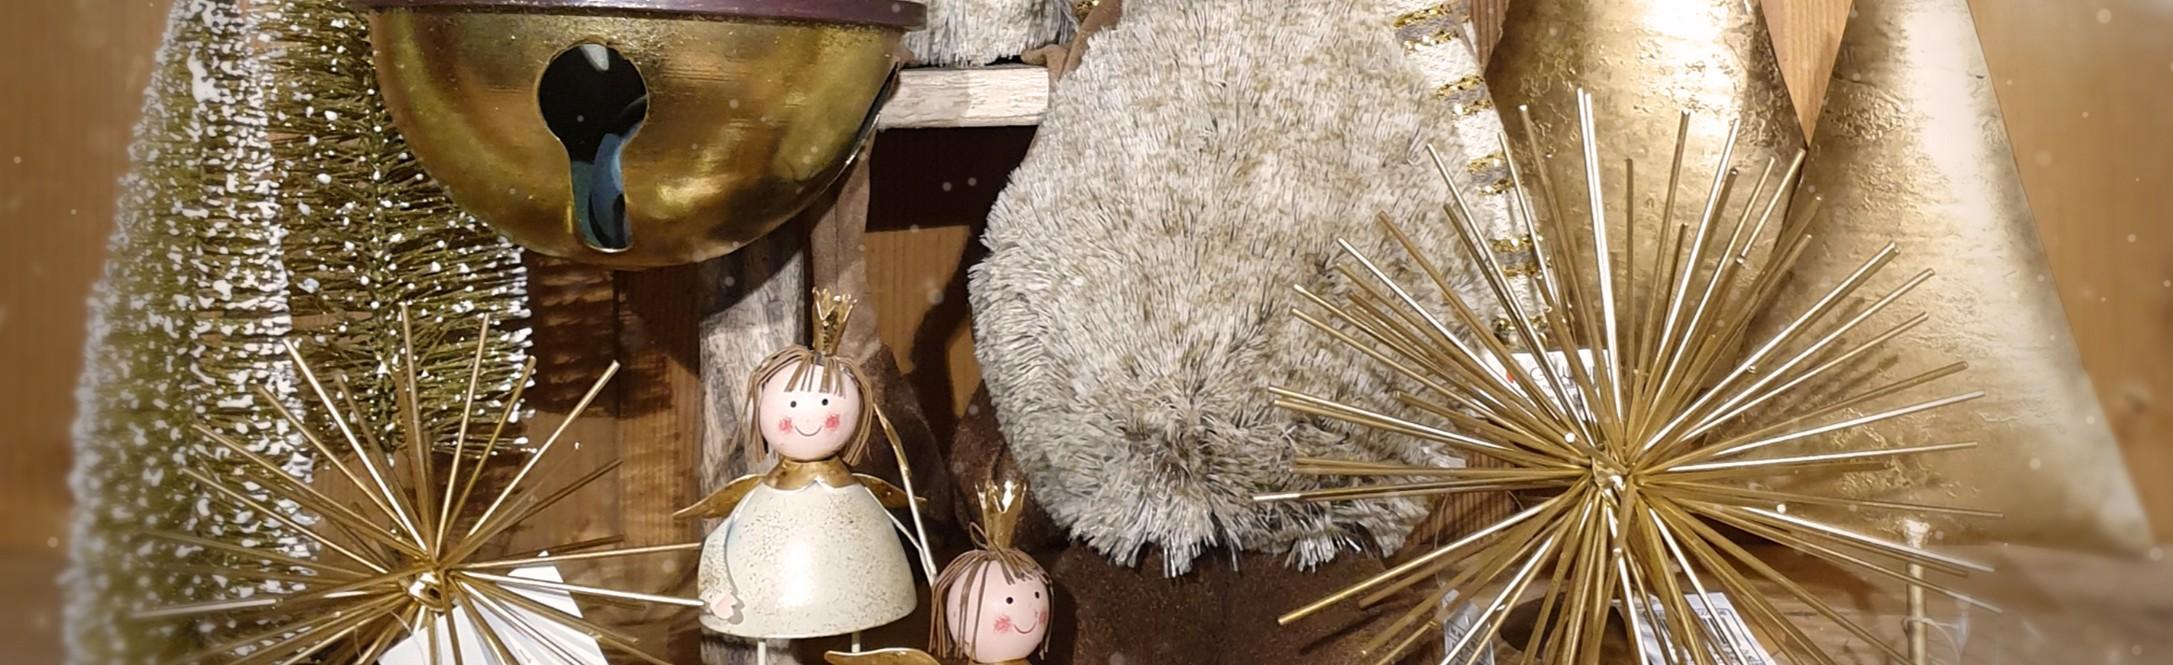 Alsace Boutique - Décoration de Noël en Or